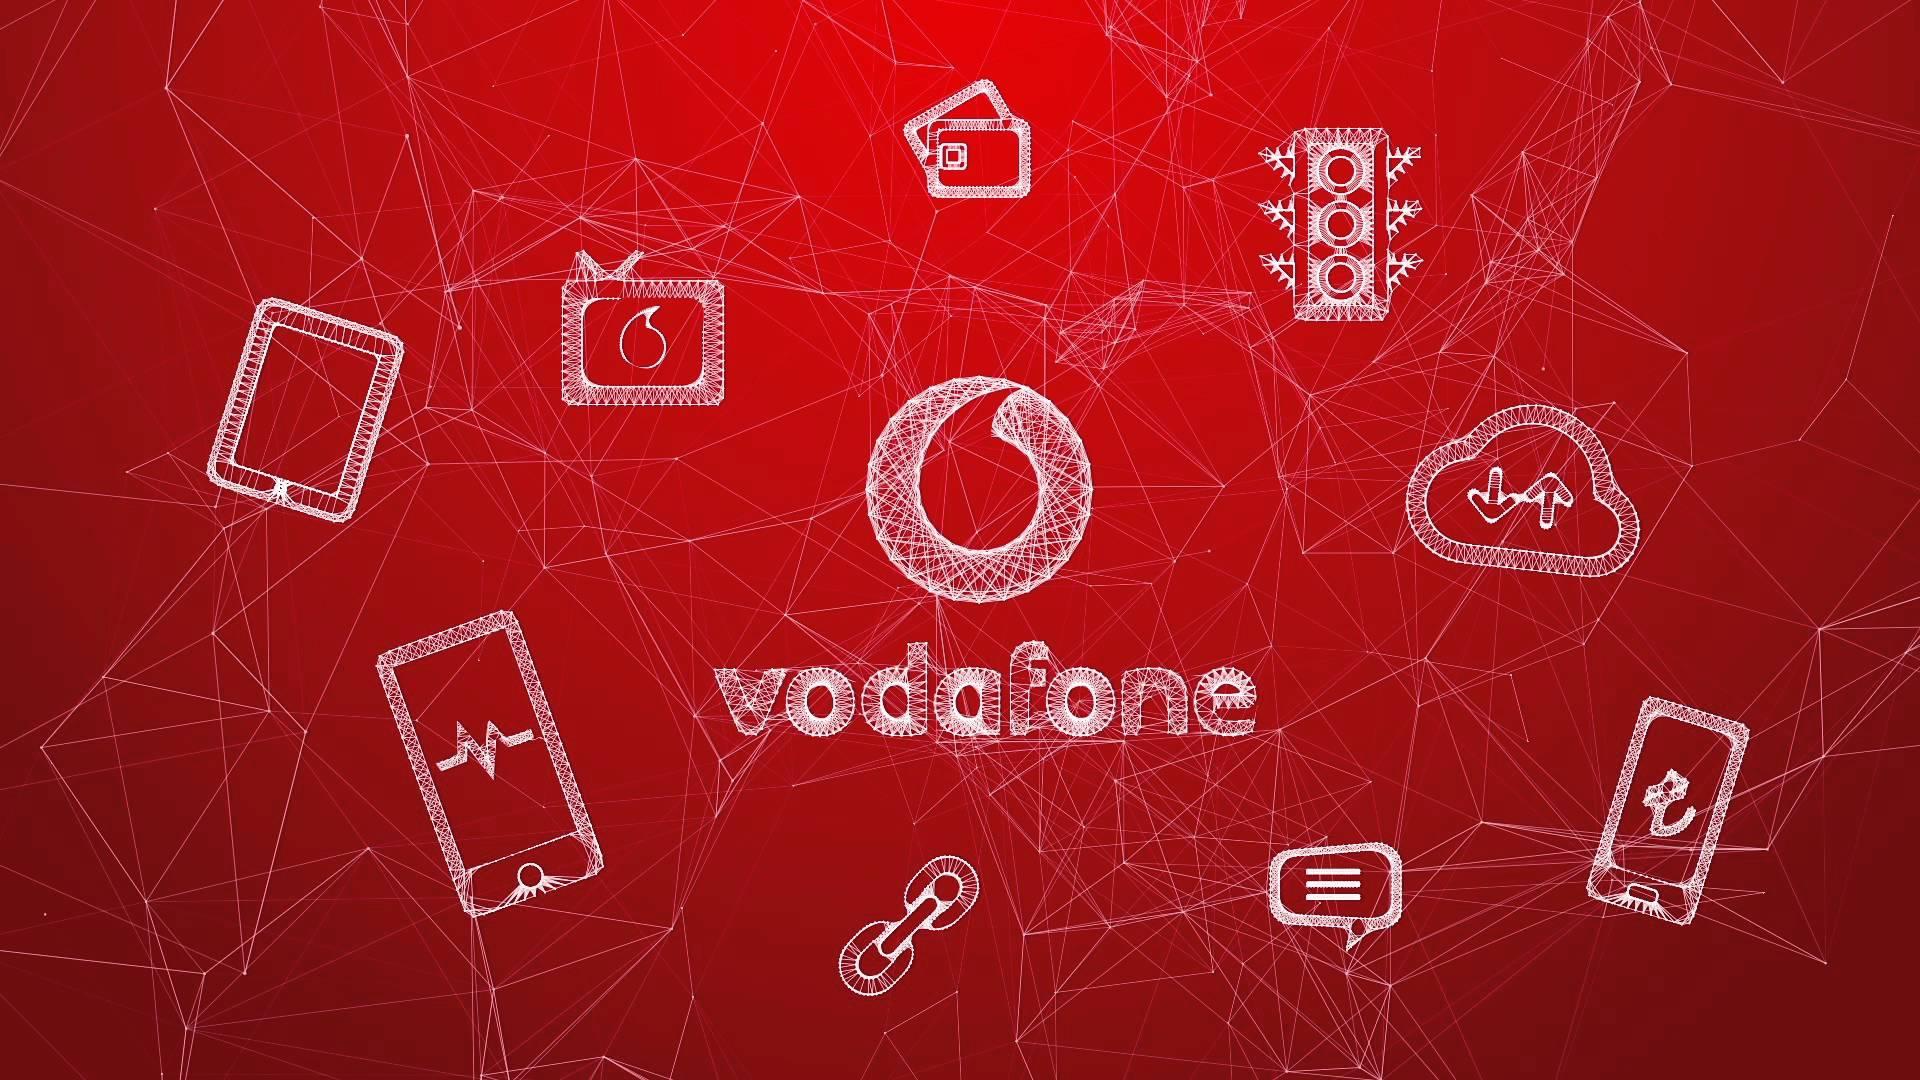 الآن كود واحد لإلغاء جميع خدمات فودافون 2021 التي تستنفذ رصيدك دون داعي 1